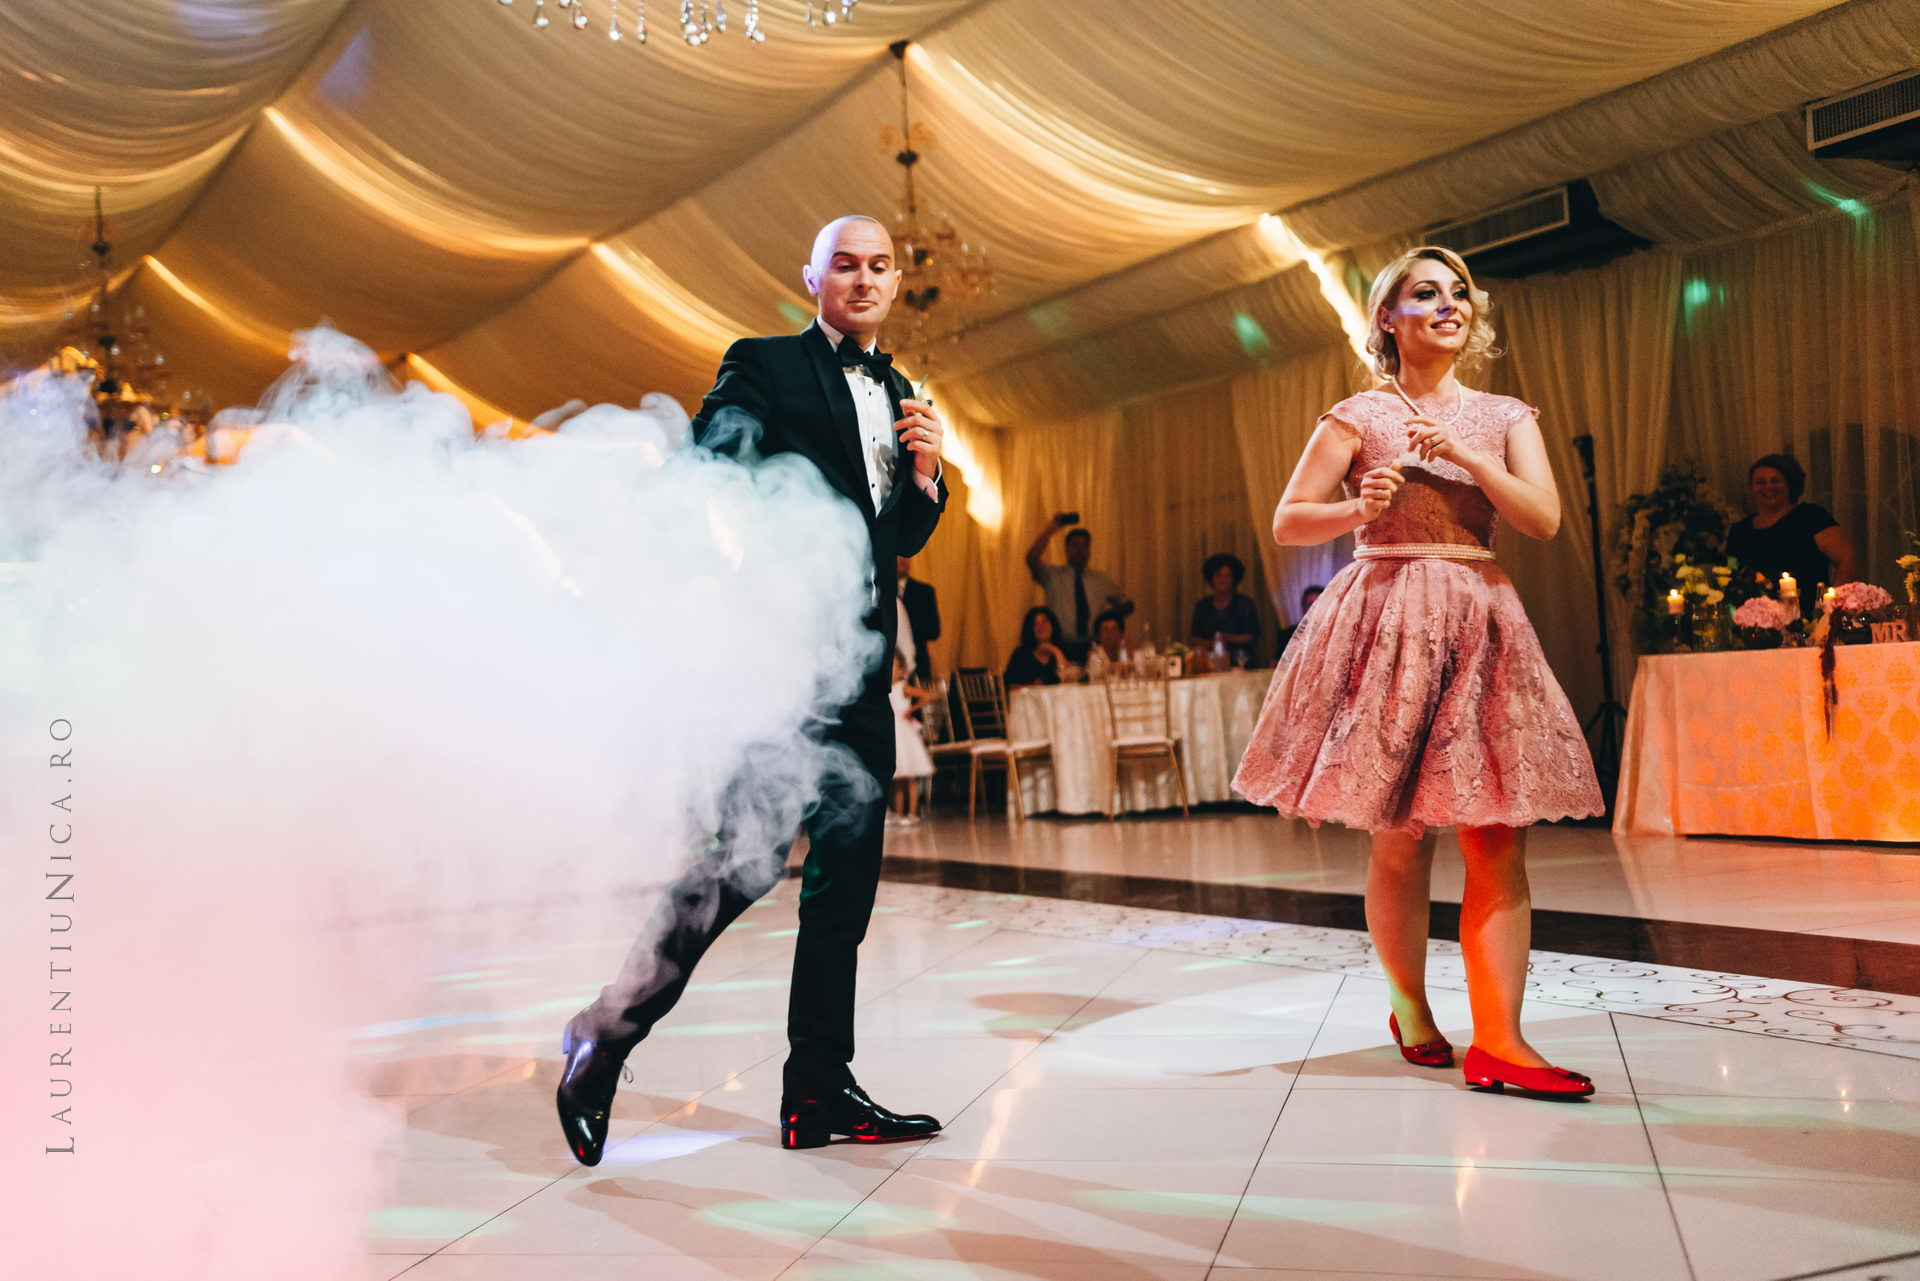 lavinia si adi fotograf laurentiu nica craiova 066 - Lavinia & Adi | Fotografii nunta